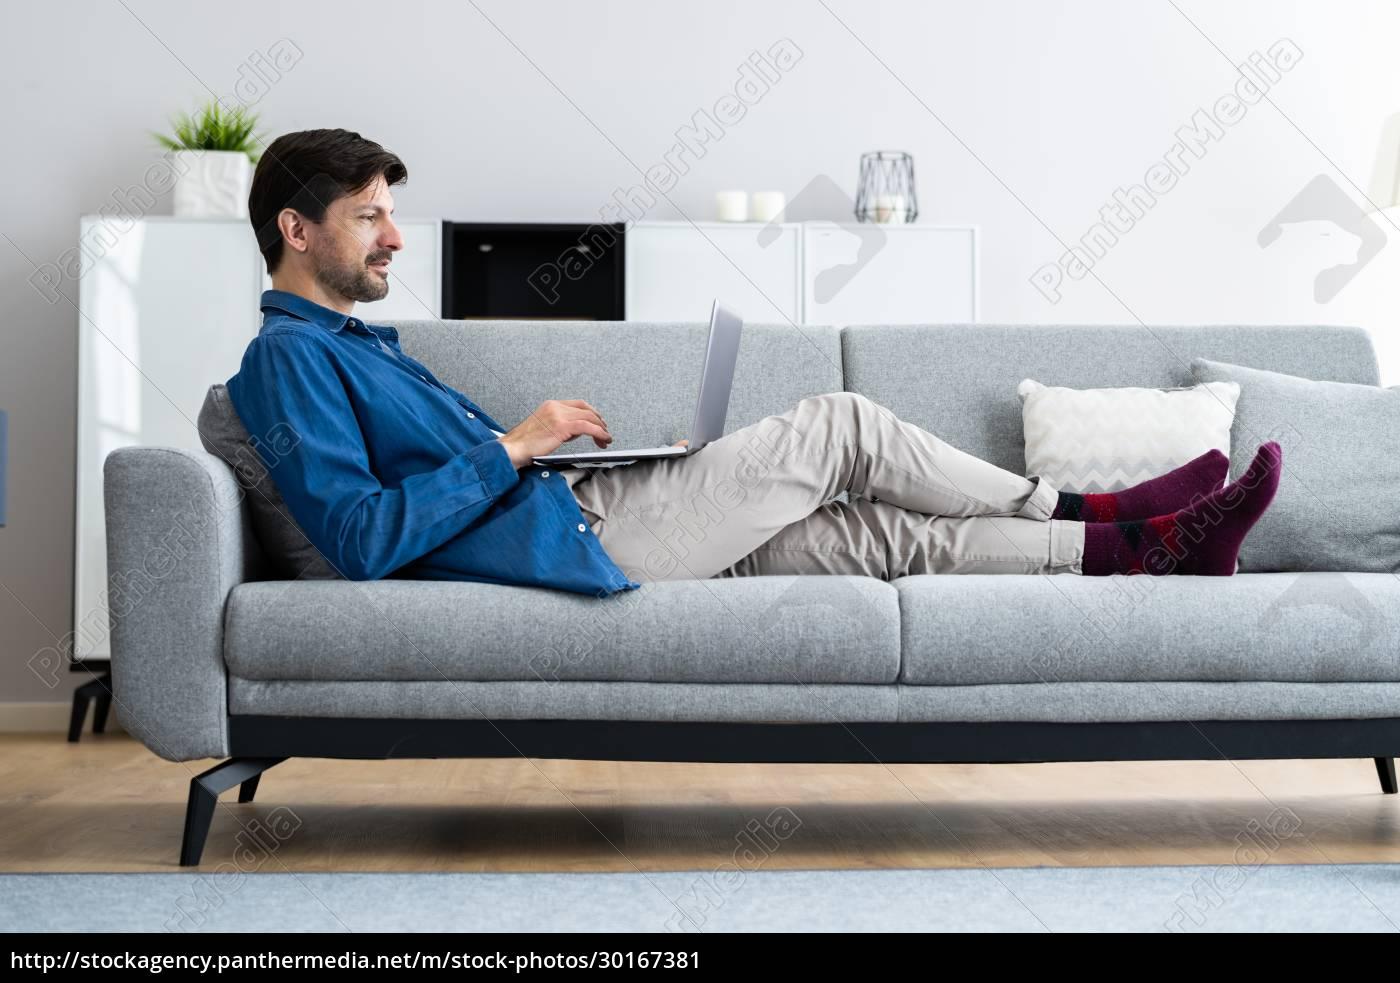 homem, usando, laptop, computador - 30167381